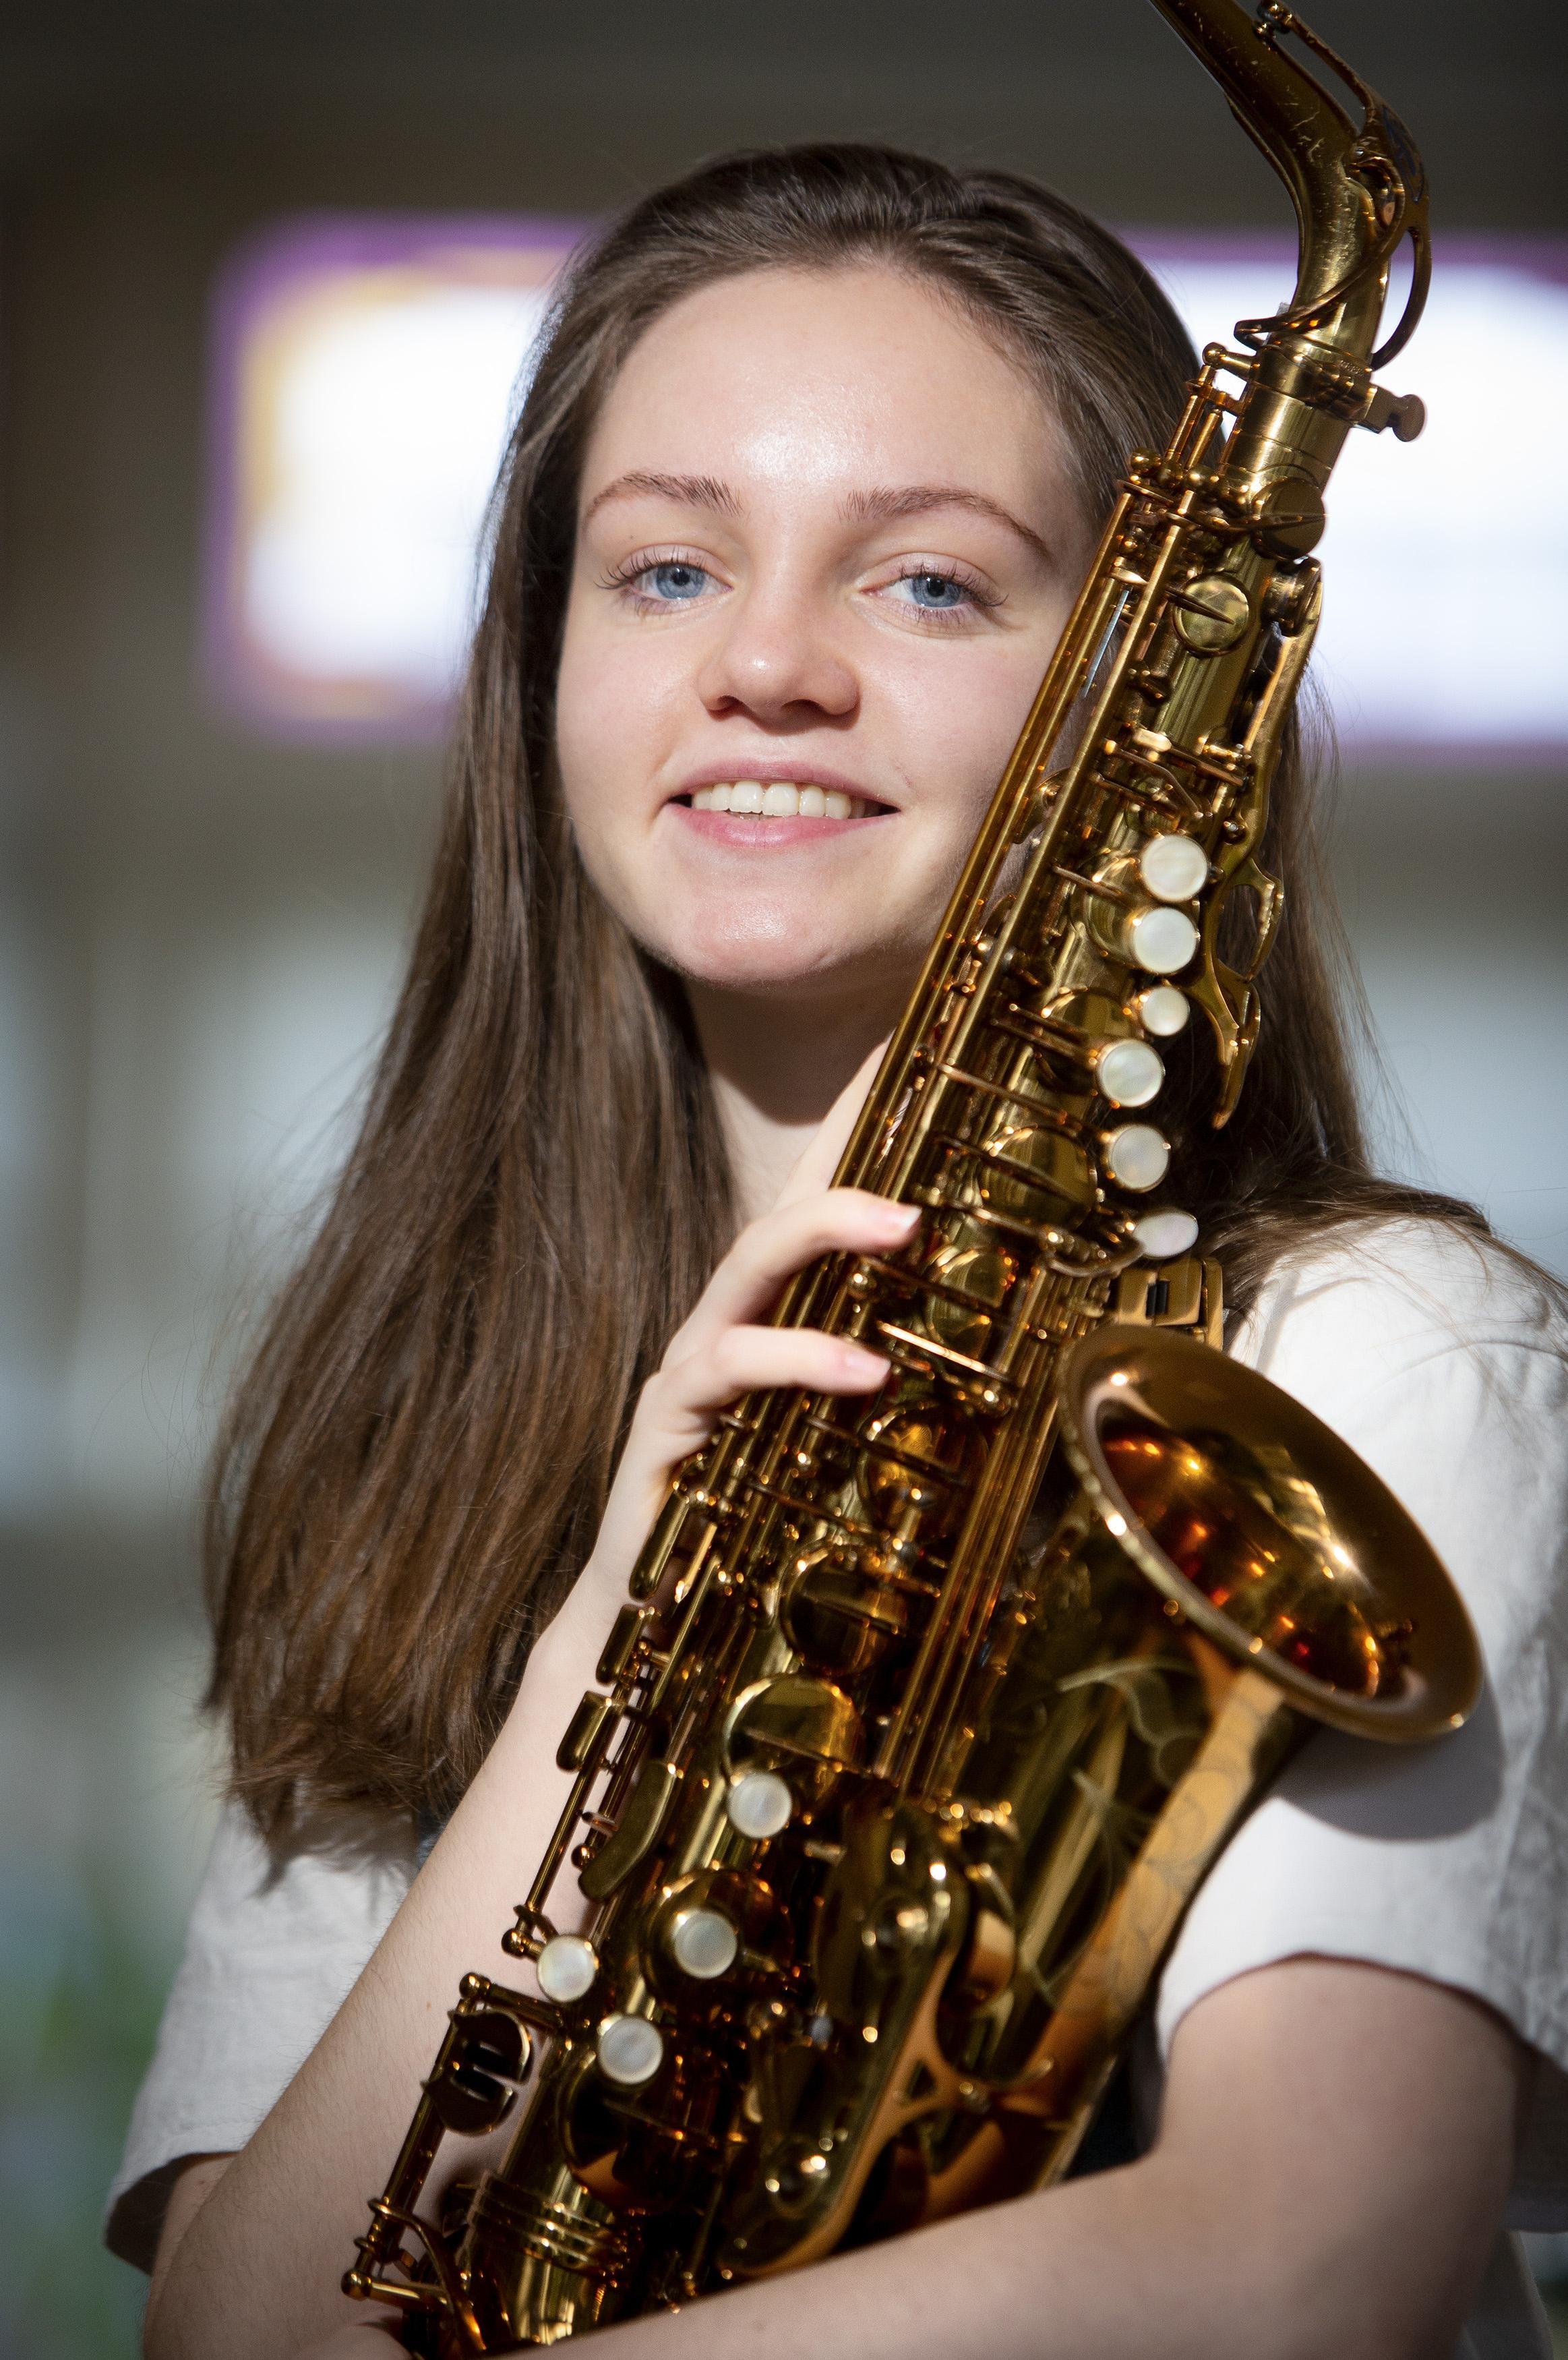 Jong saxofoontalent Fleur Peereboom uit Santpoort-Noord zit in Nationaal Jeugdorkest - IJmuider Courant